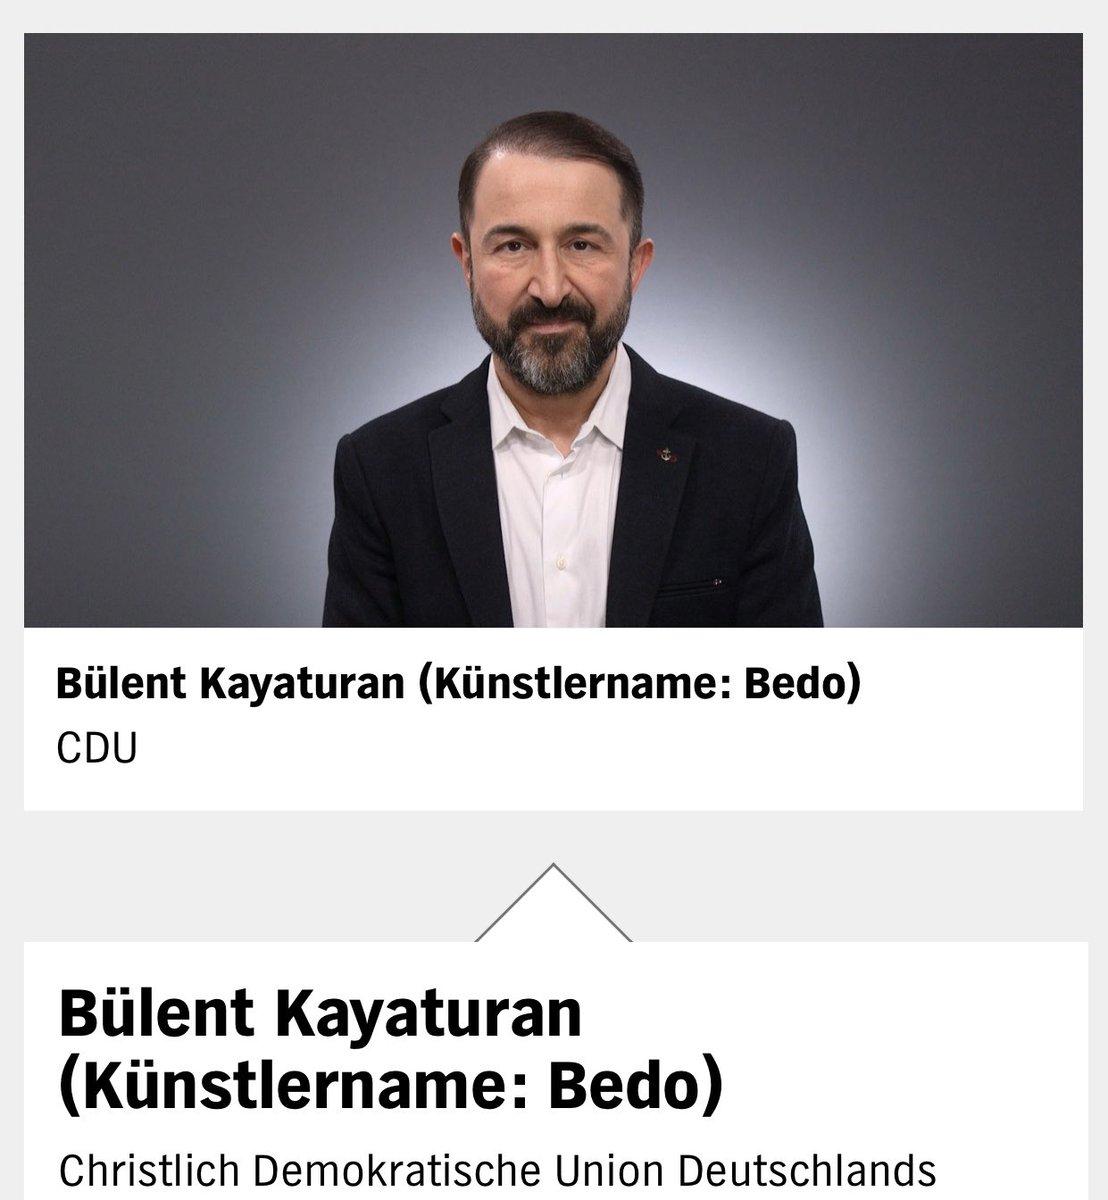 Der NDR Kandidat*innen-Check ist online!   3 Fragen - 3 Antworten - 2 Minuten   —————————  Landeslistenplatz 26 - Bürgerschaftswahlen 2020 #TeamBedo #Change #hhbue #hhwahl #cduhh @CDU_Hamburg   https://kandidatencheck.ndr.de/kandidat/buelent_kayaturan-kuenstlername-bedo/7538…pic.twitter.com/yIvRohEVux